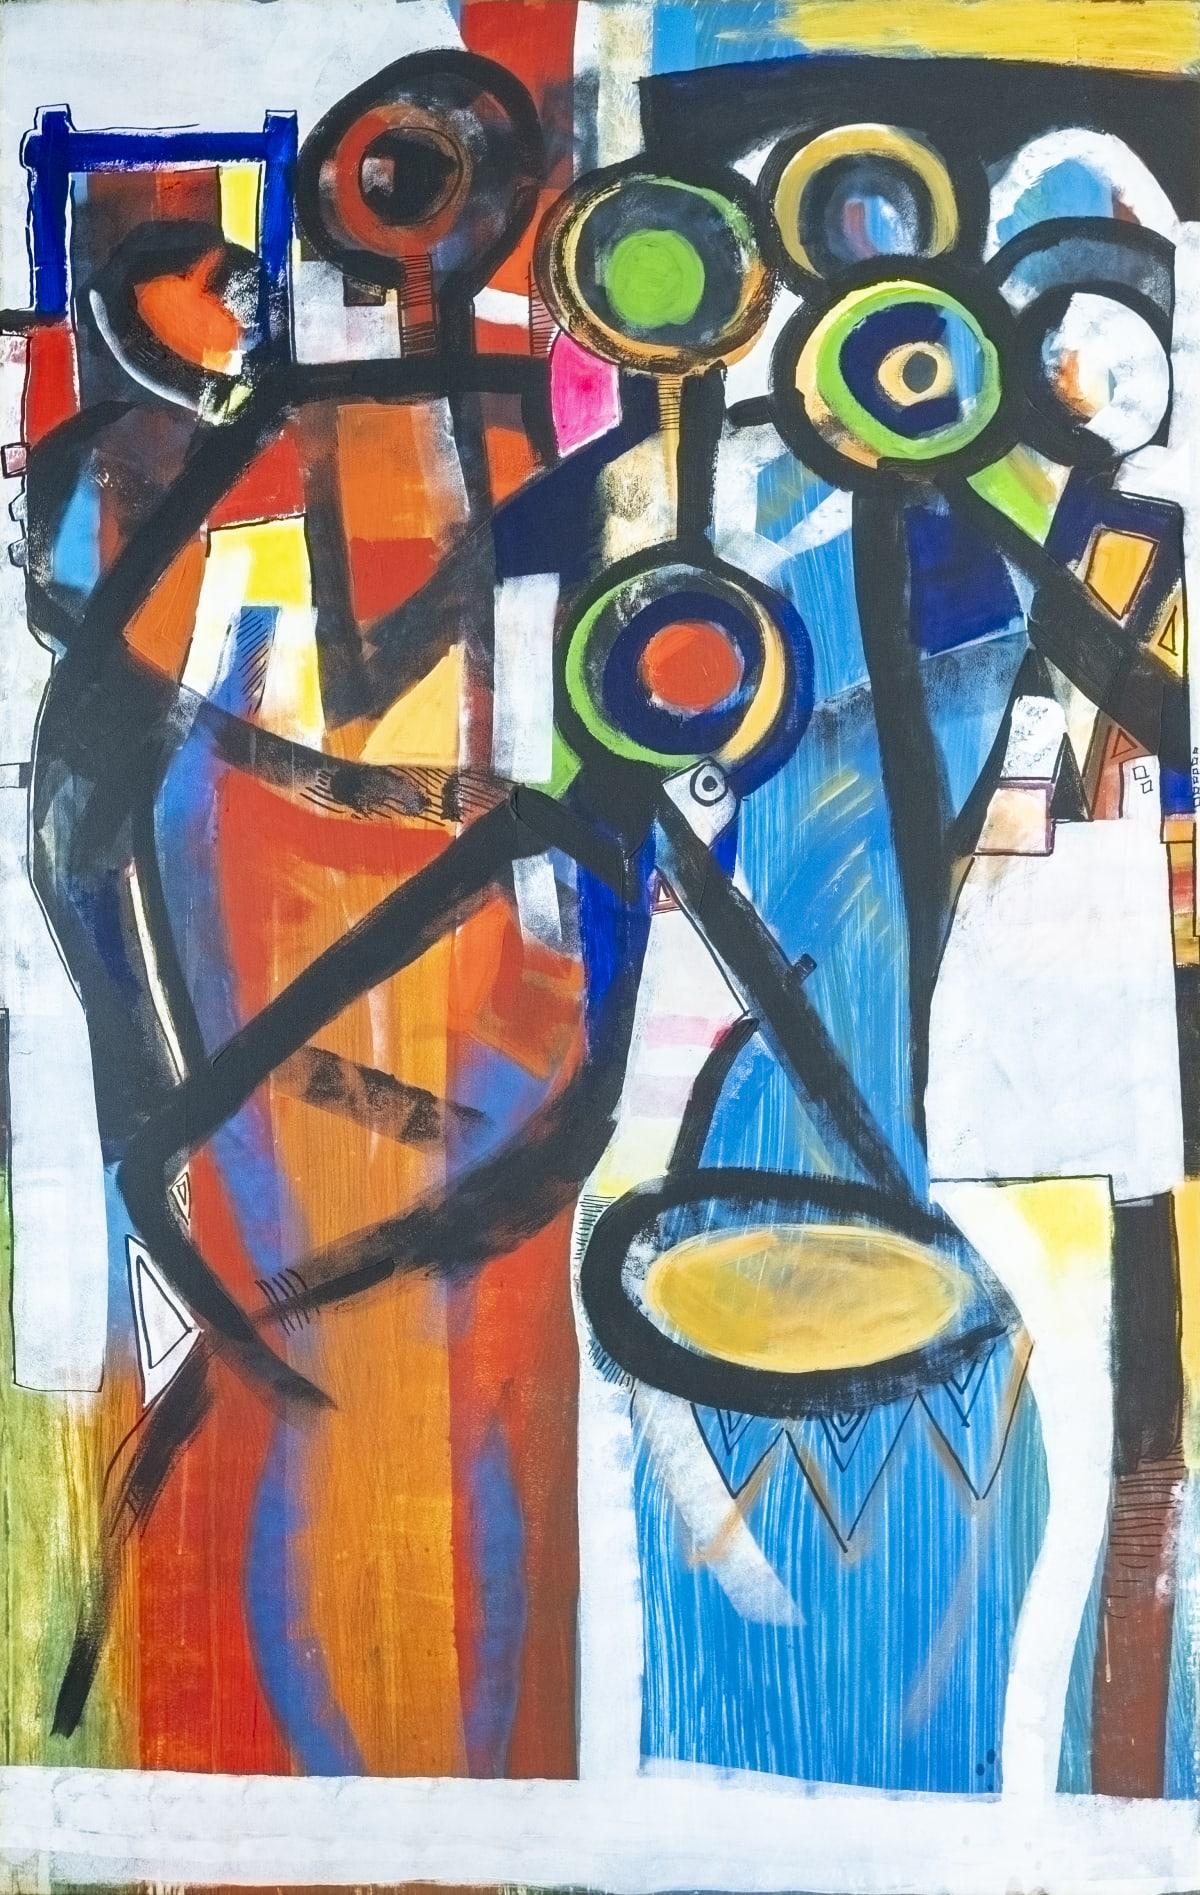 Lulseged Retta, Rhythm, 2019